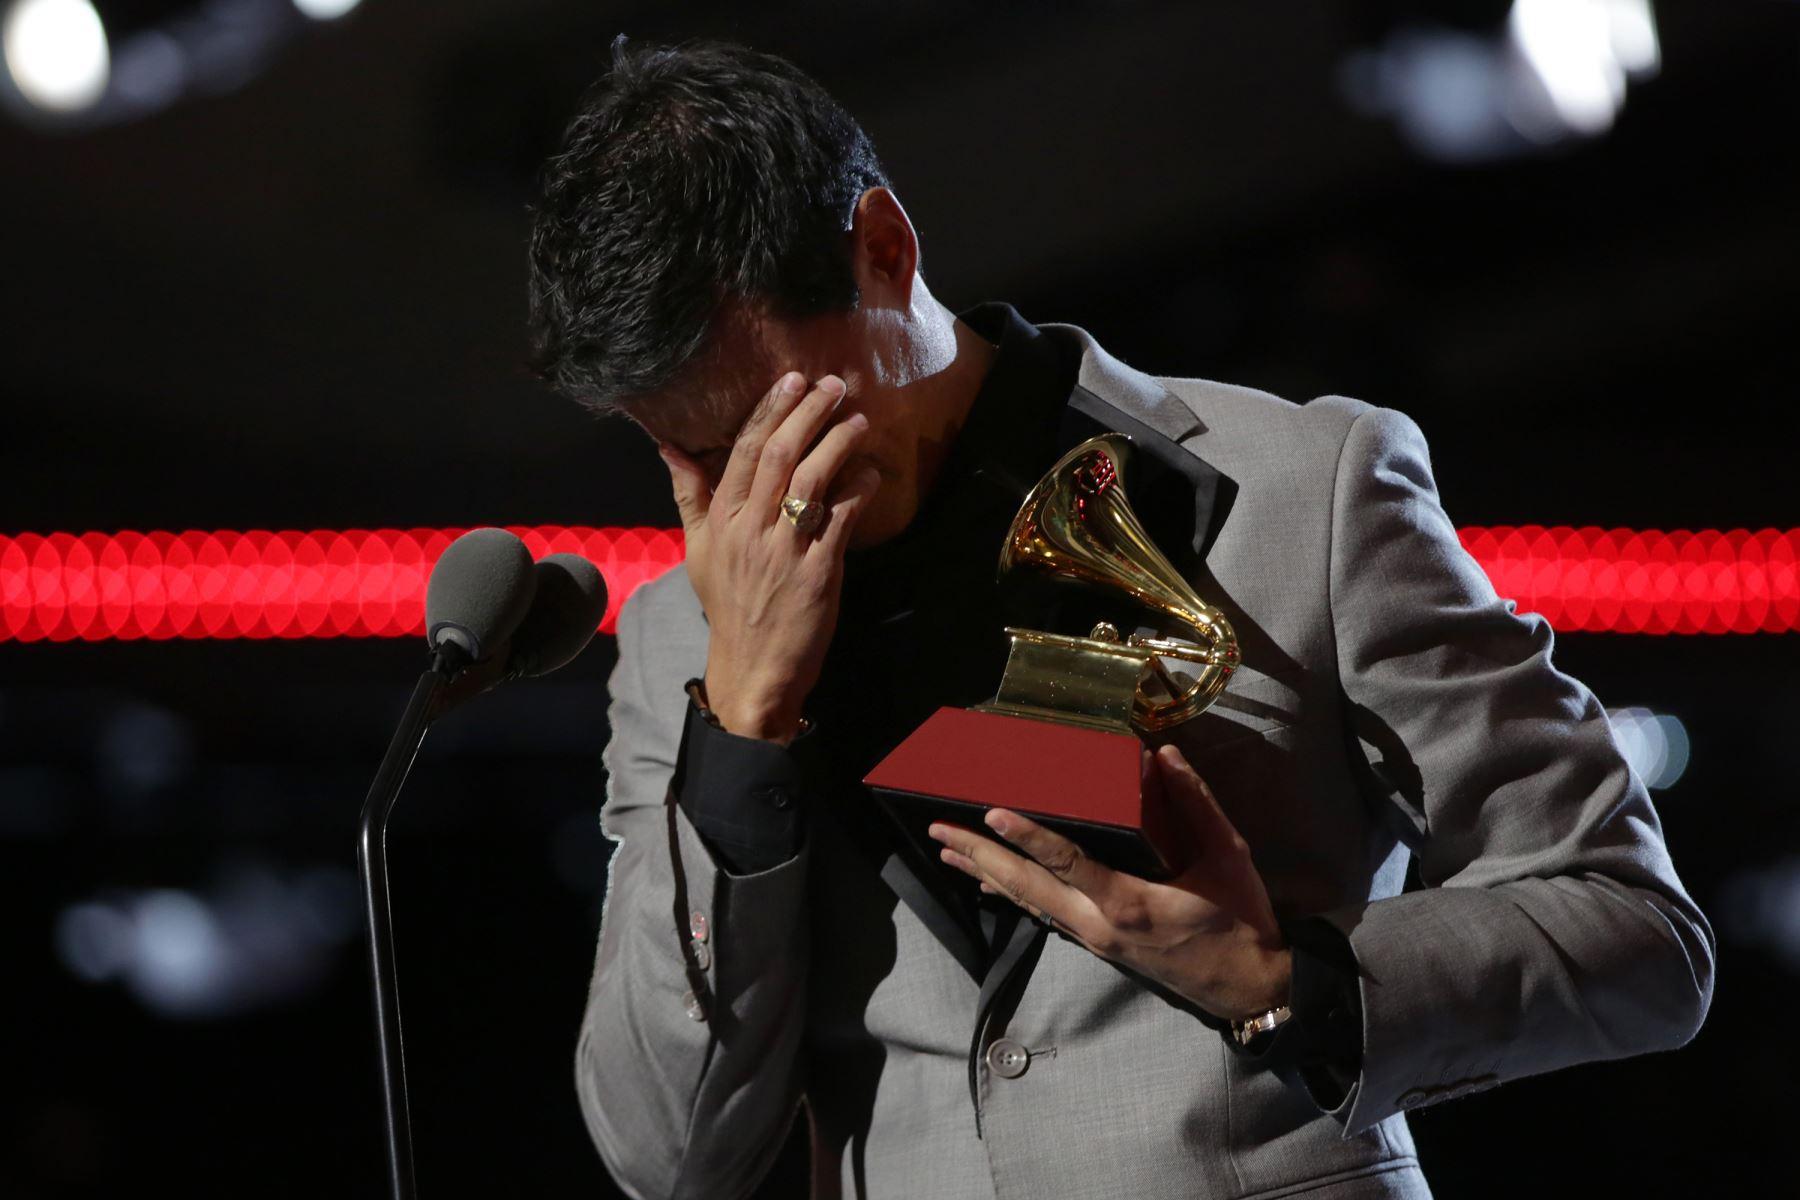 Tony Succar recibió el  premio para el Mejor Álbum de Salsa y Productor del Año en el escenario en la Ceremonia de estreno durante la 20a entrega anual de los Premios GRAMMY Latinos en el MGM Grand Garden Arena el 14 de noviembre de 2019.Foto: AFP